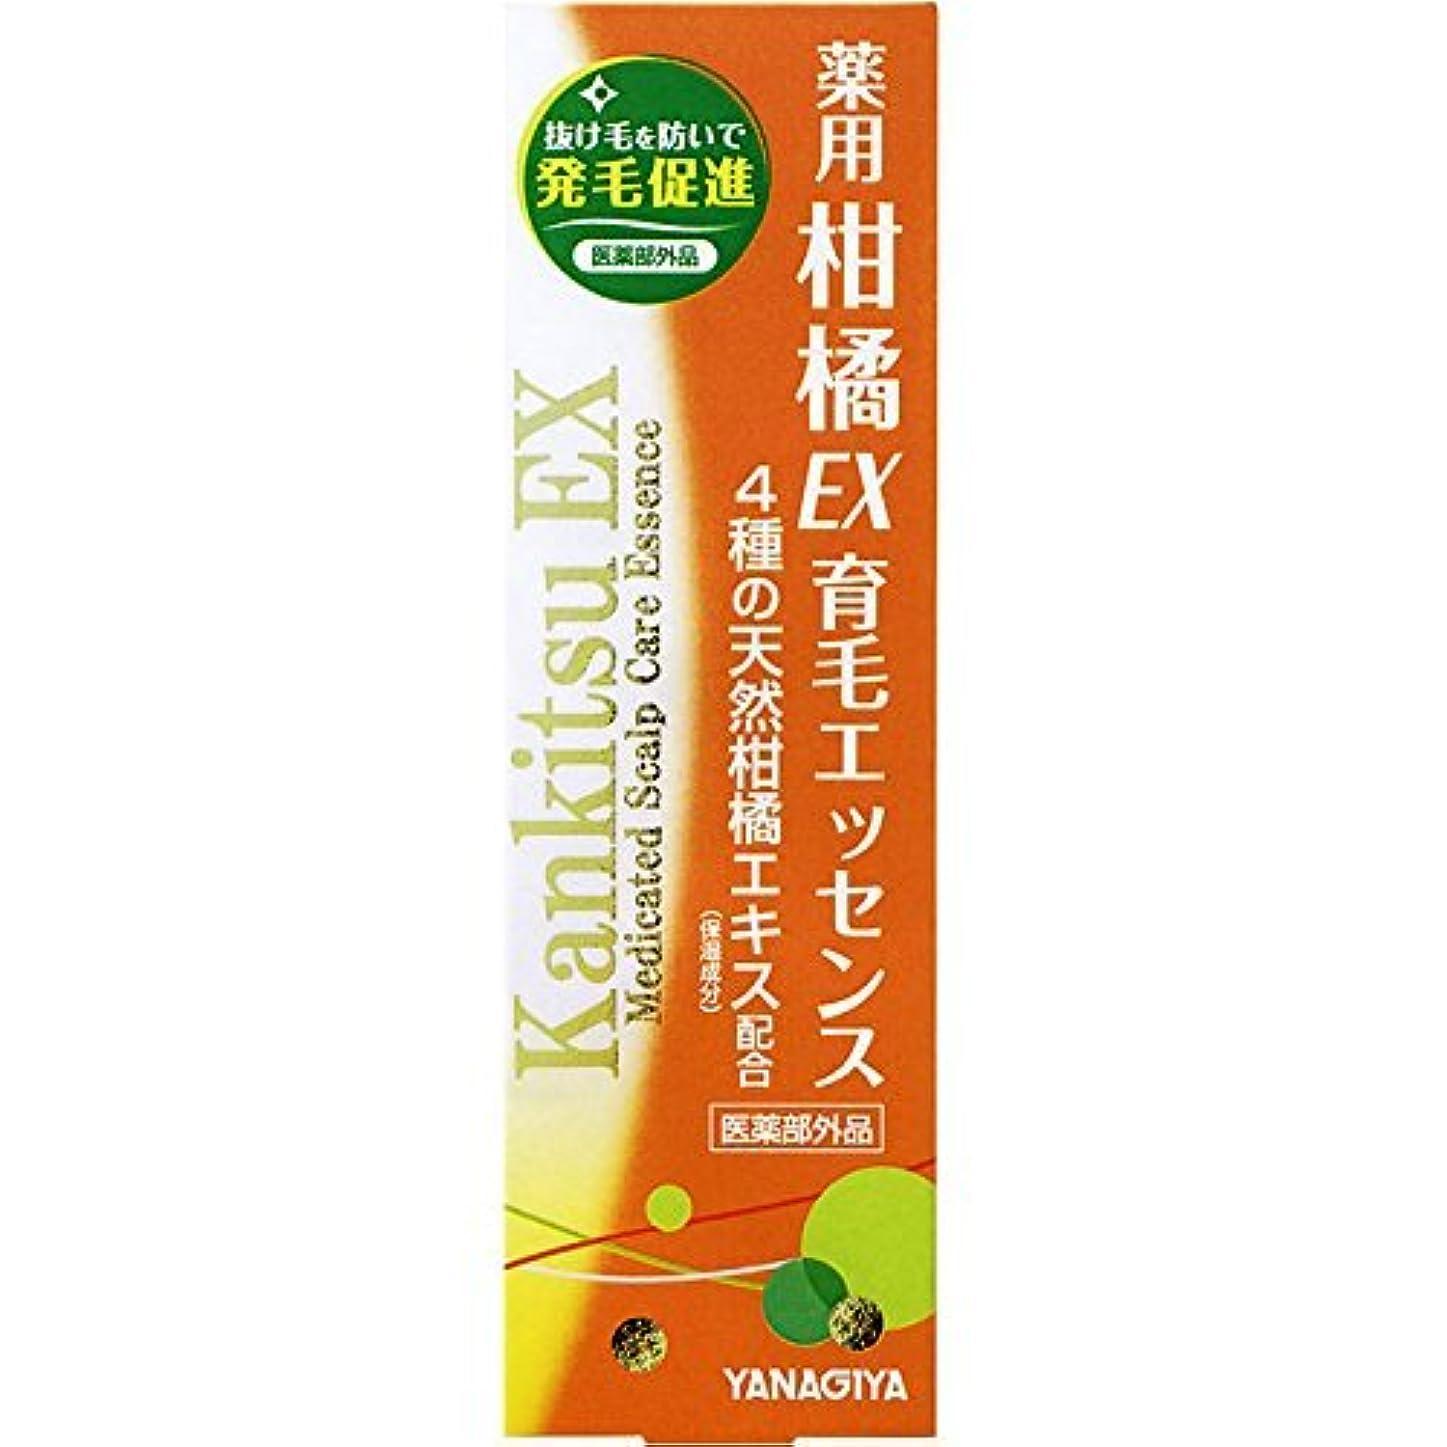 解体するひねくれたヒット薬用柑橘EX 育毛エッセンス180ml